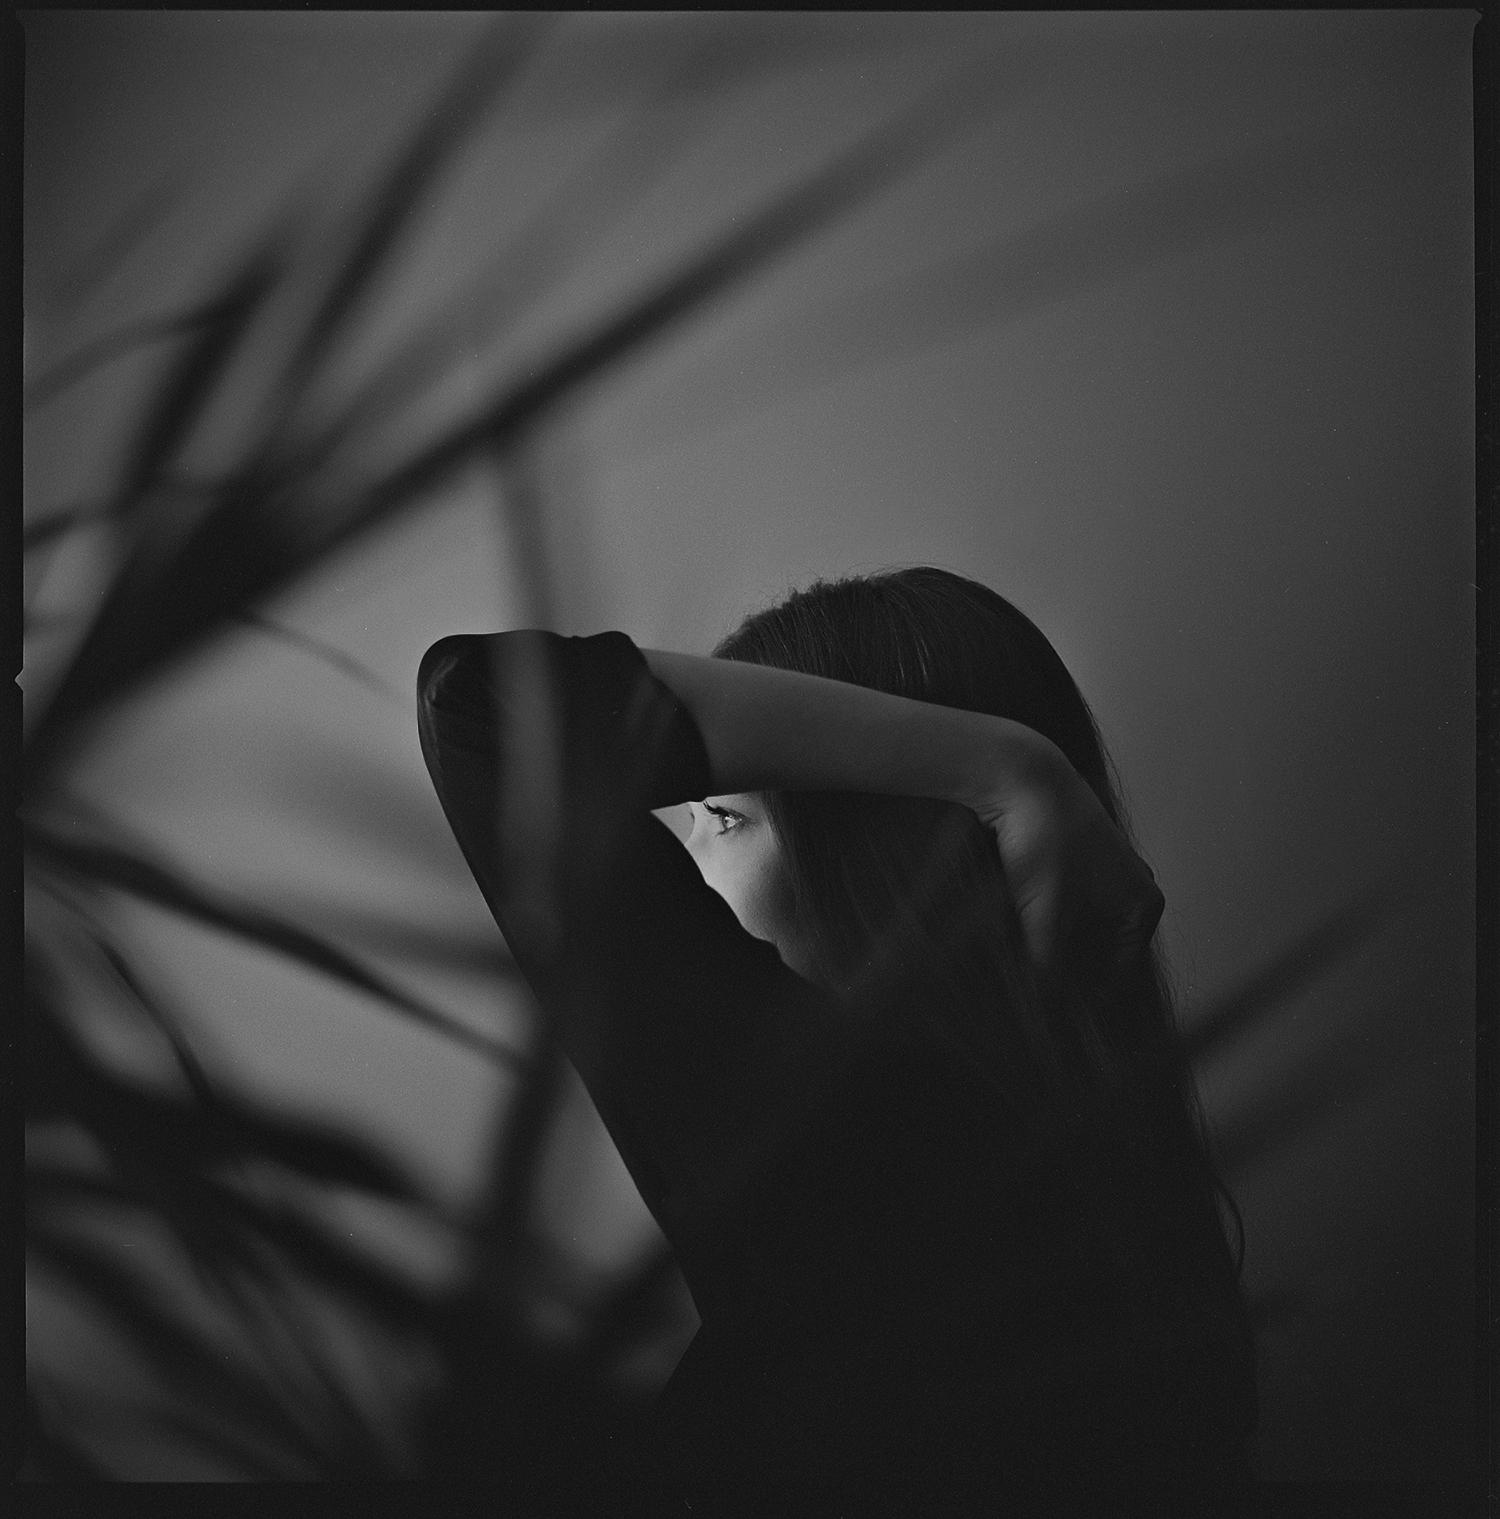 Janette-Through-Fern-Portrait-Window-Light_Kodak-TriX.jpg